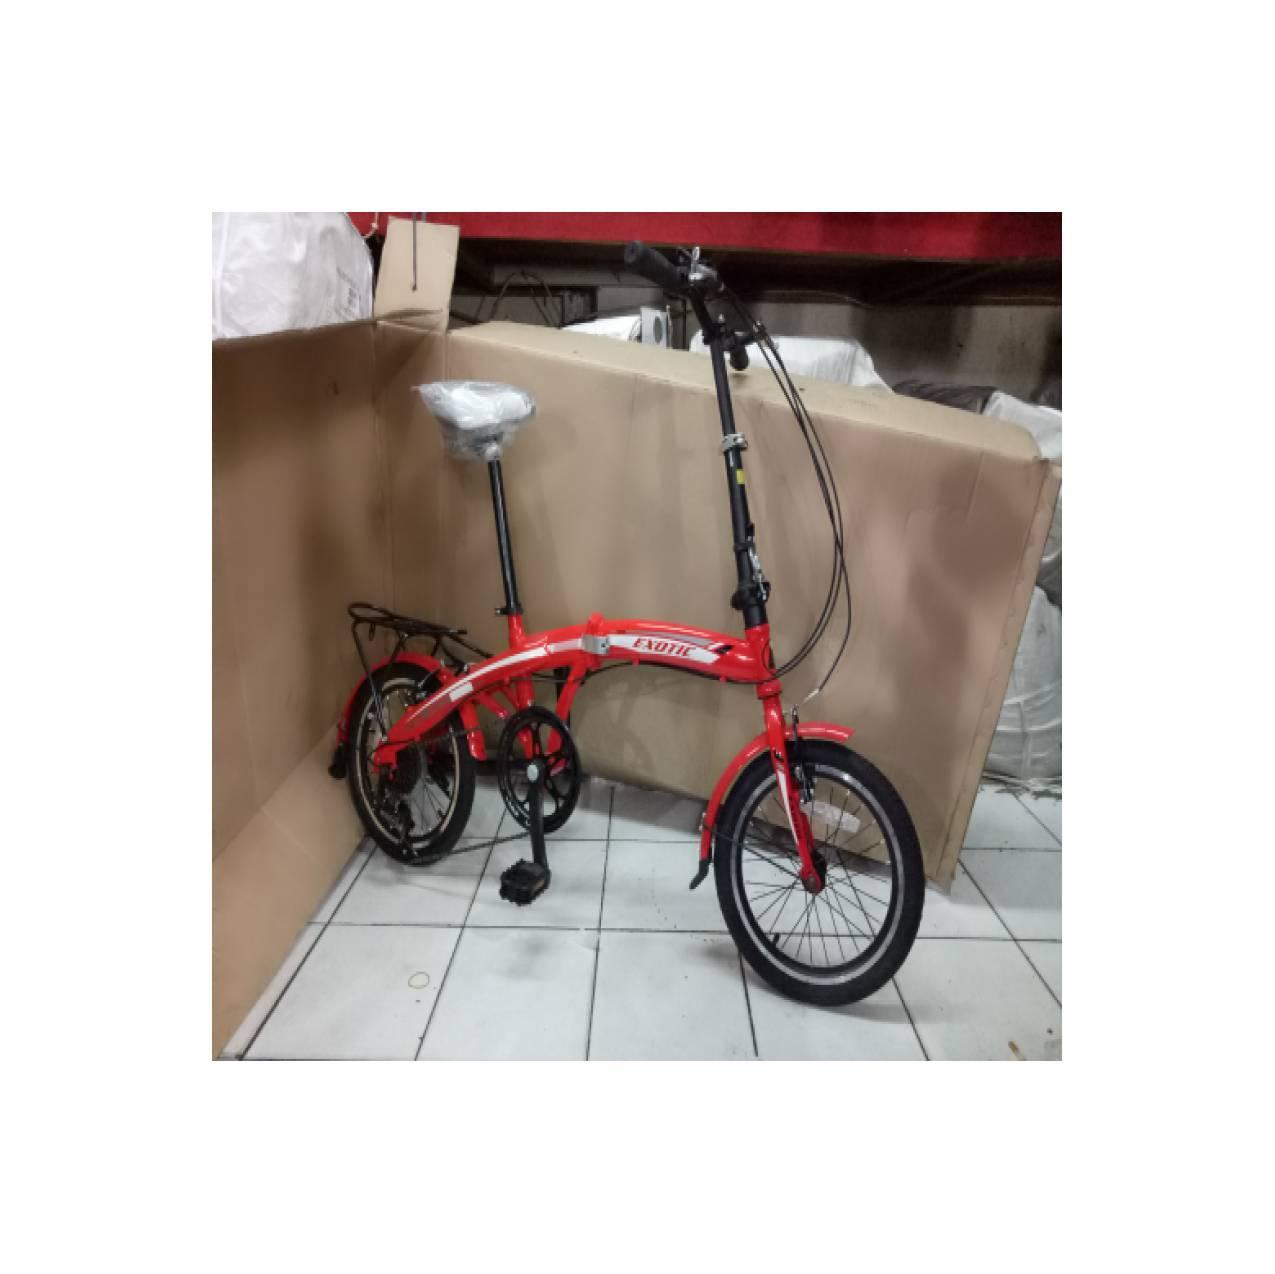 sepeda anak 16 lipat exotic 7 sp 2625 bangku stang bisa ditinggikan